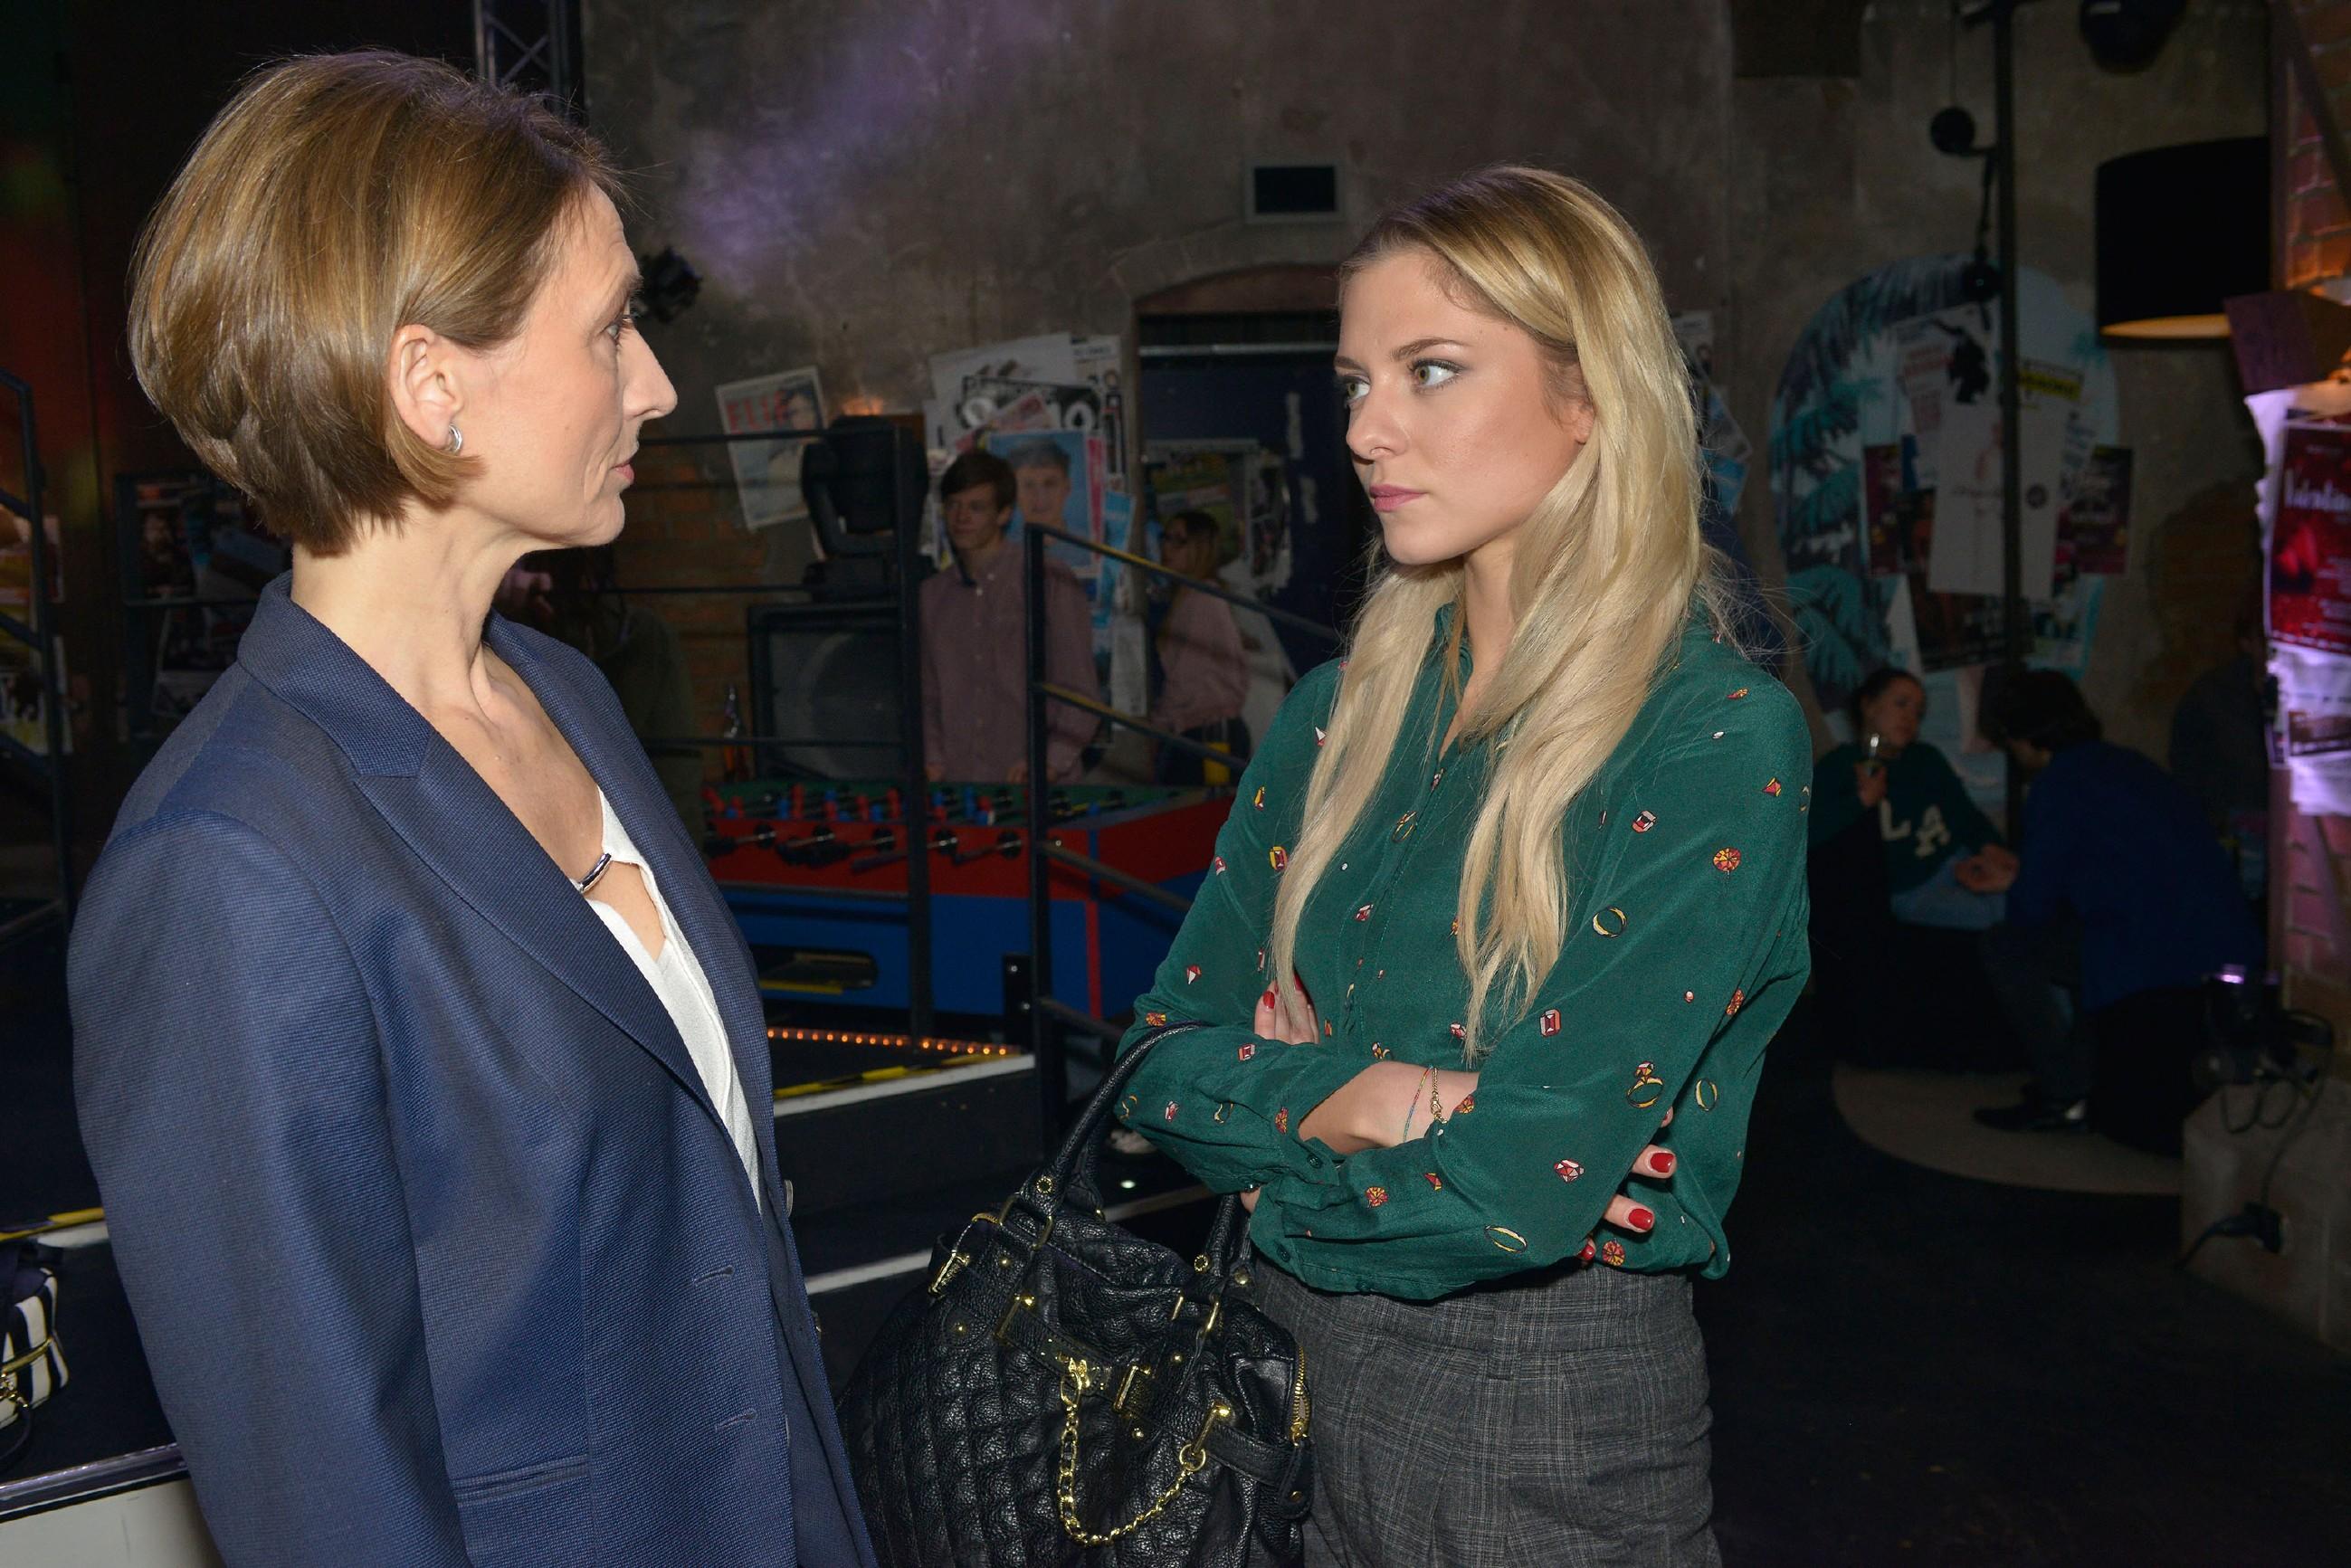 Rosa (Joana Schümer, l.) wird durch Sunny (Valentina Pahde), die sich von Chris belästigt fühlt, in ihrer Loyalität zu Chris verunsichert. (Quelle: RTL / Rolf Baumgartner)